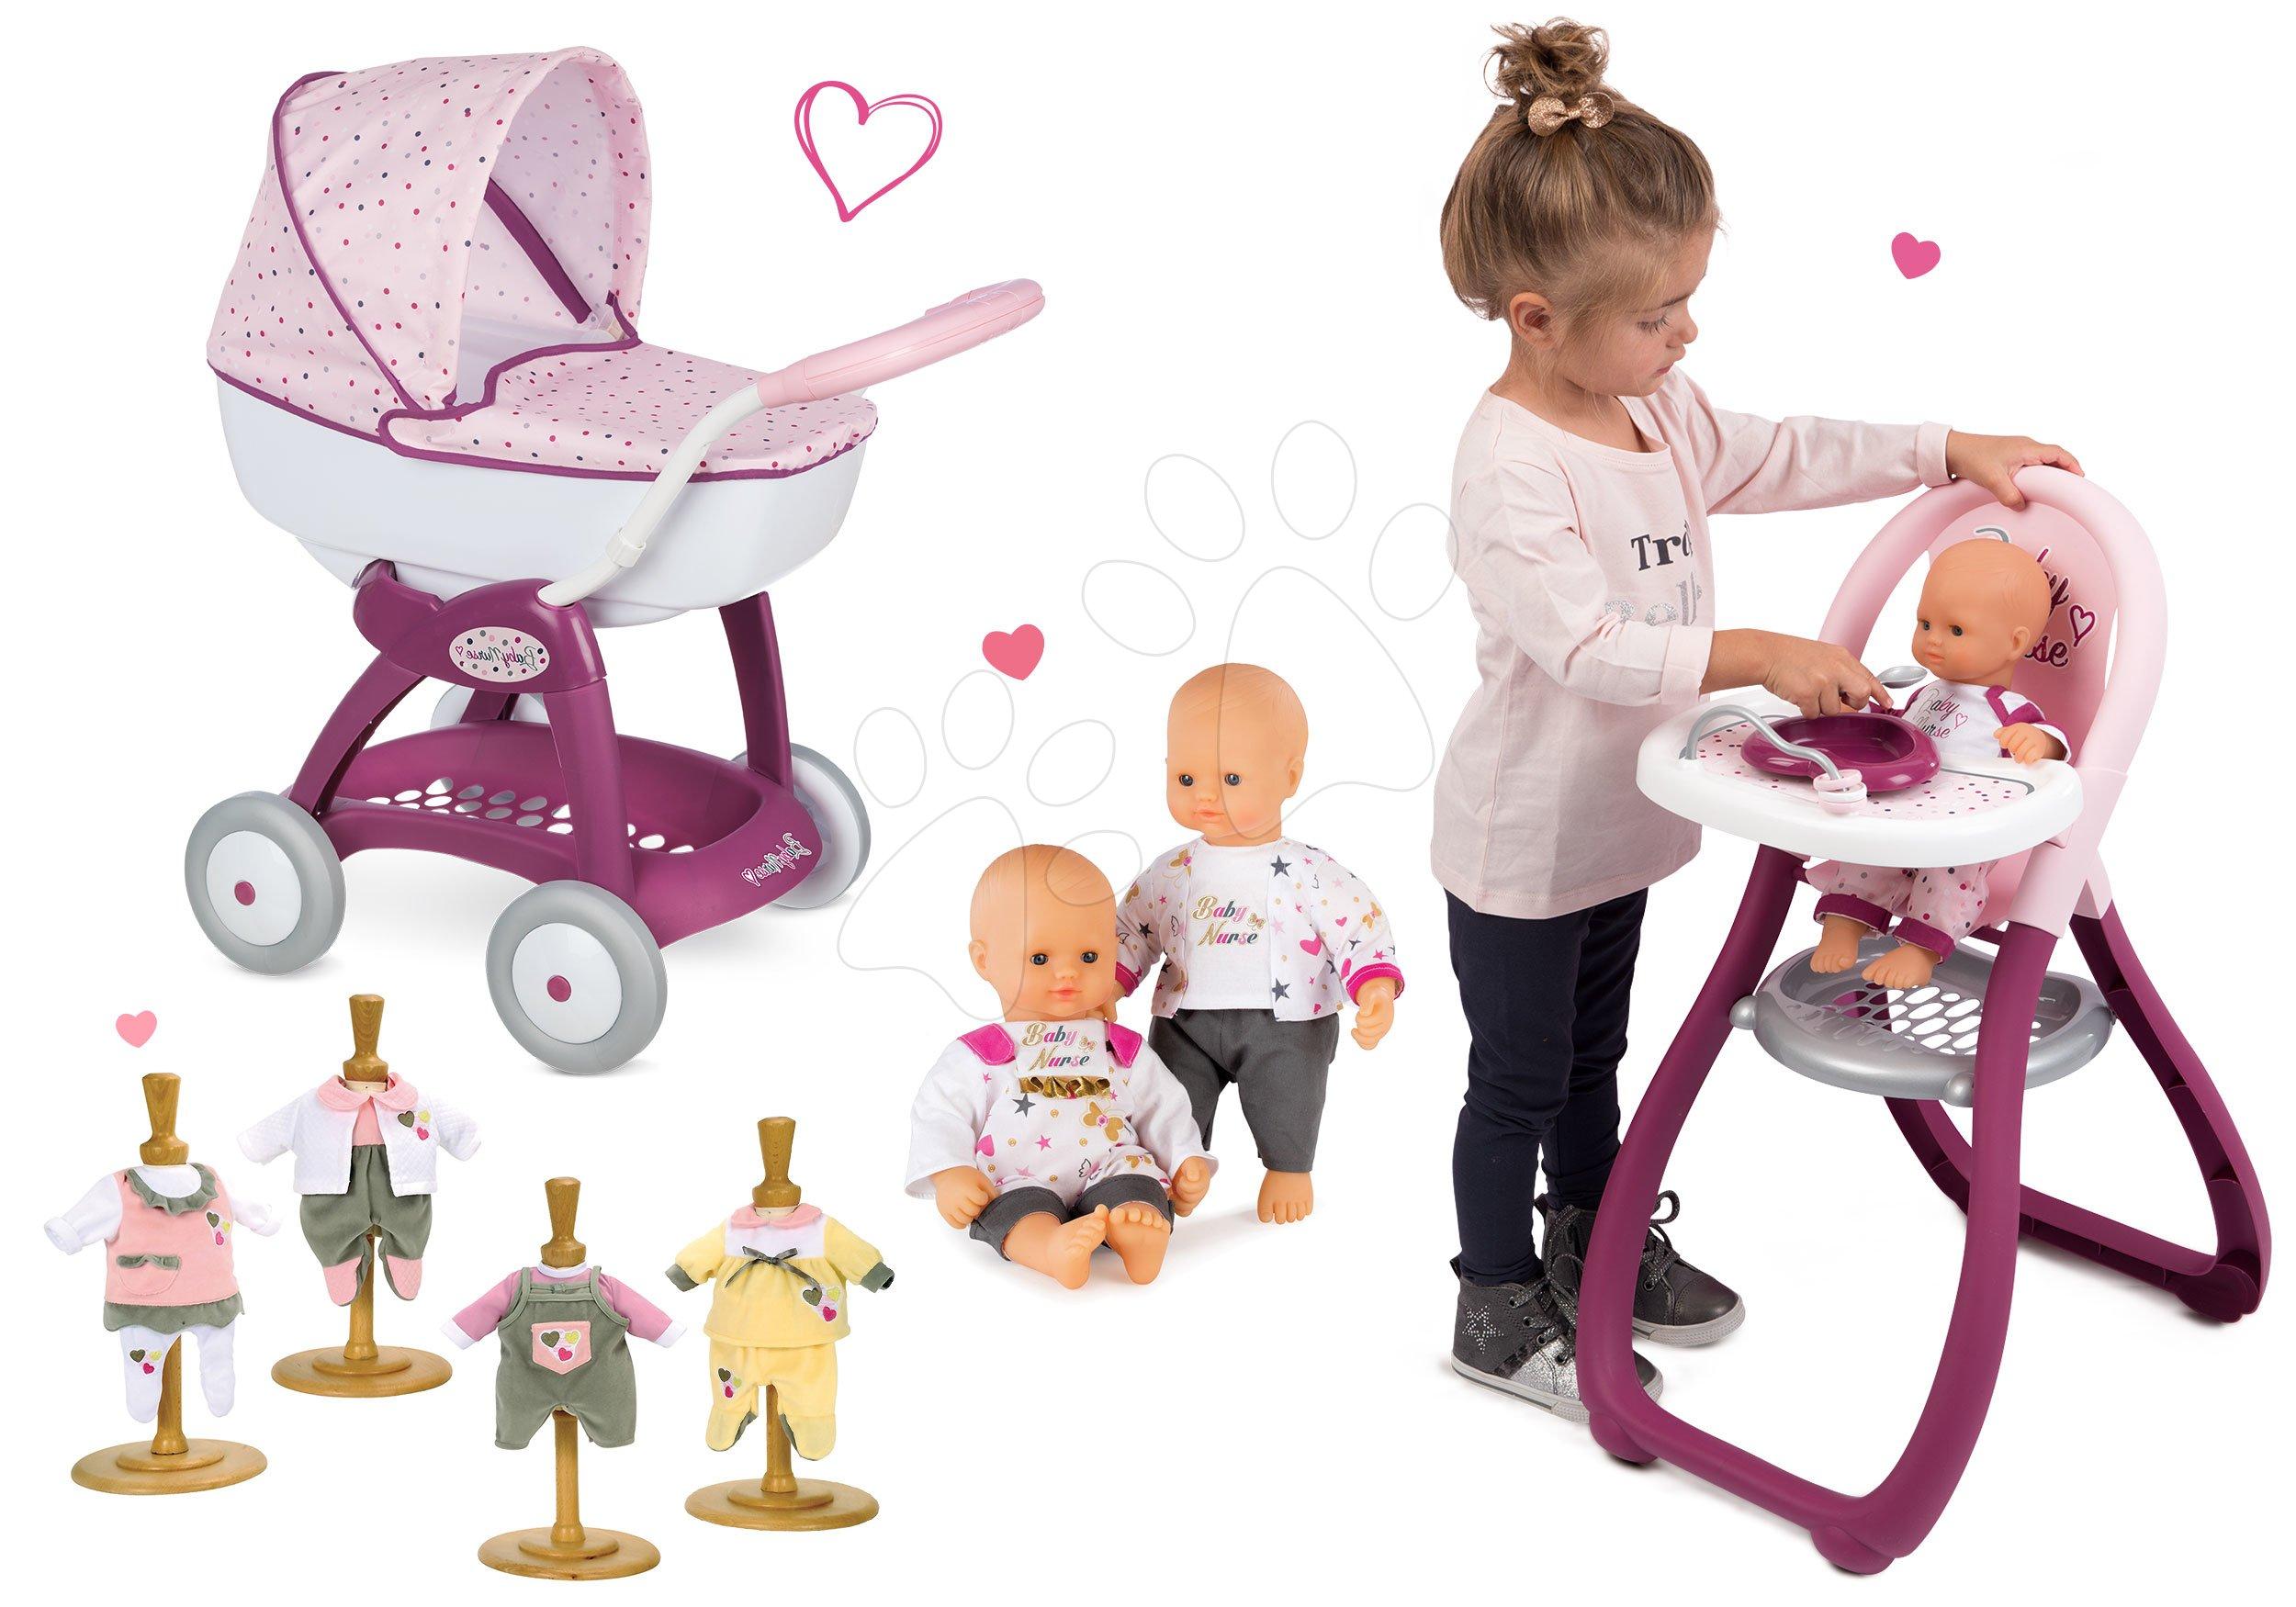 Set kočárek Máša a medvěd pro panenku Smoby hluboký (58 cm rukojeť), jídelní židle a panenka s šatičkami od 18 měsíců